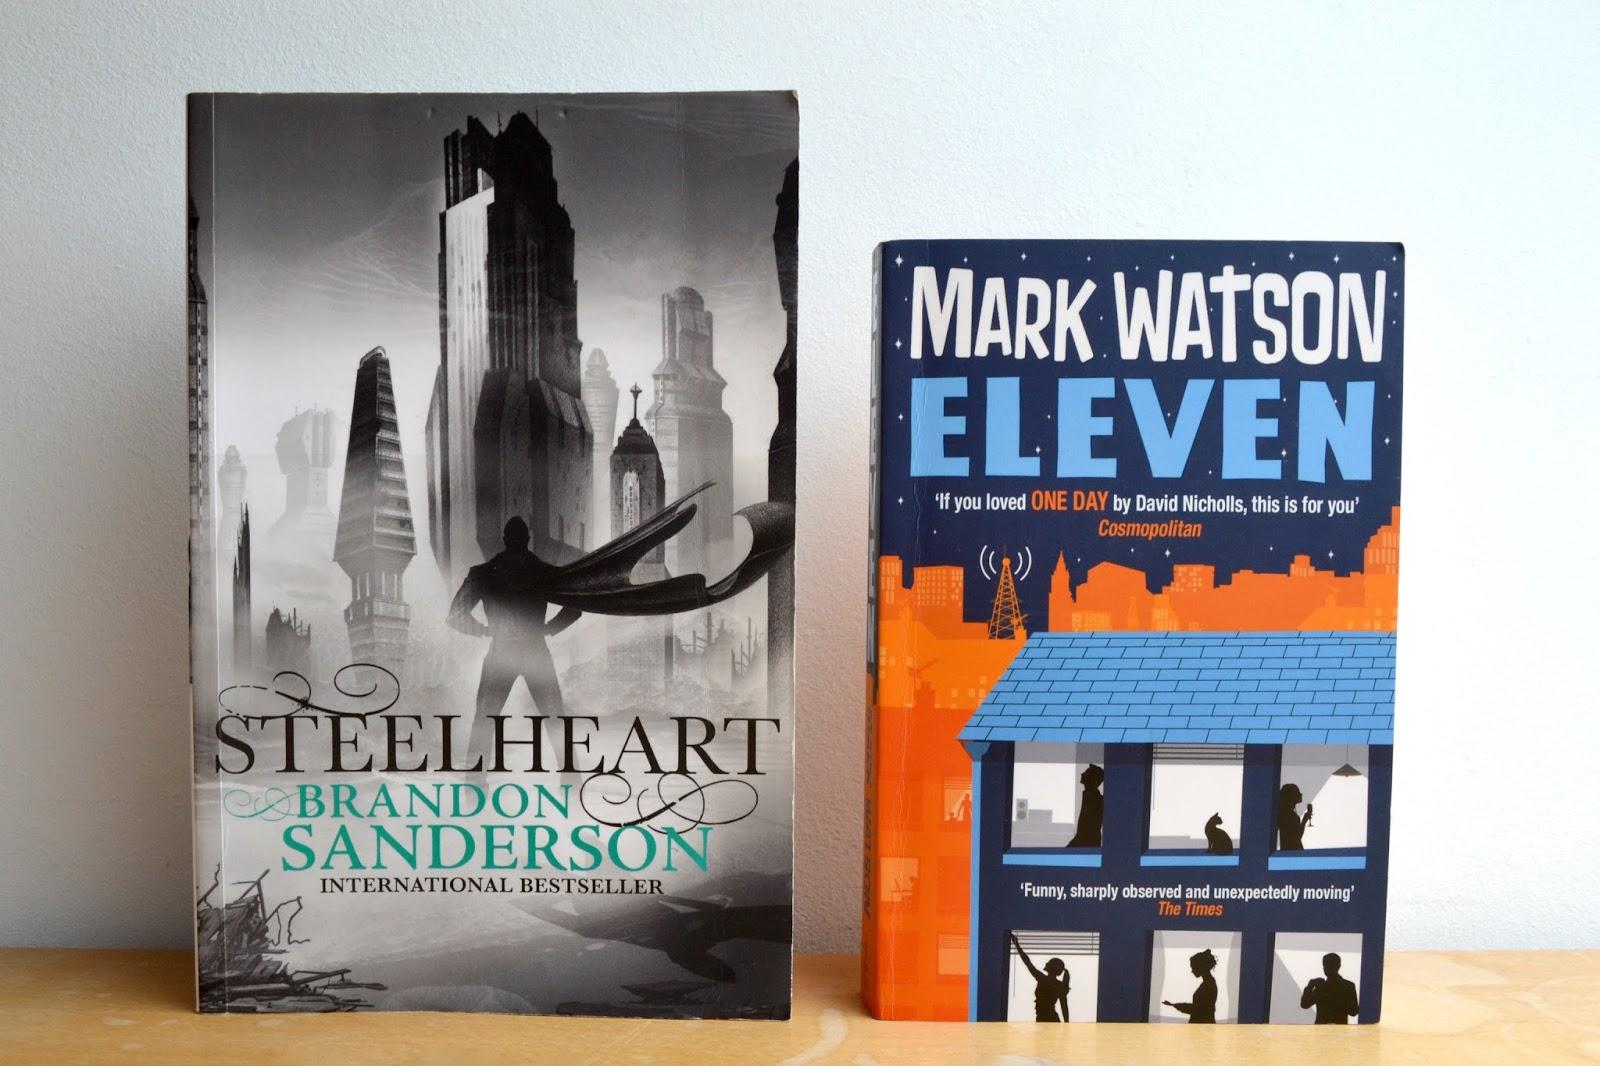 Steel heart by Brandon Sanderson and Eleven by Mark Watson